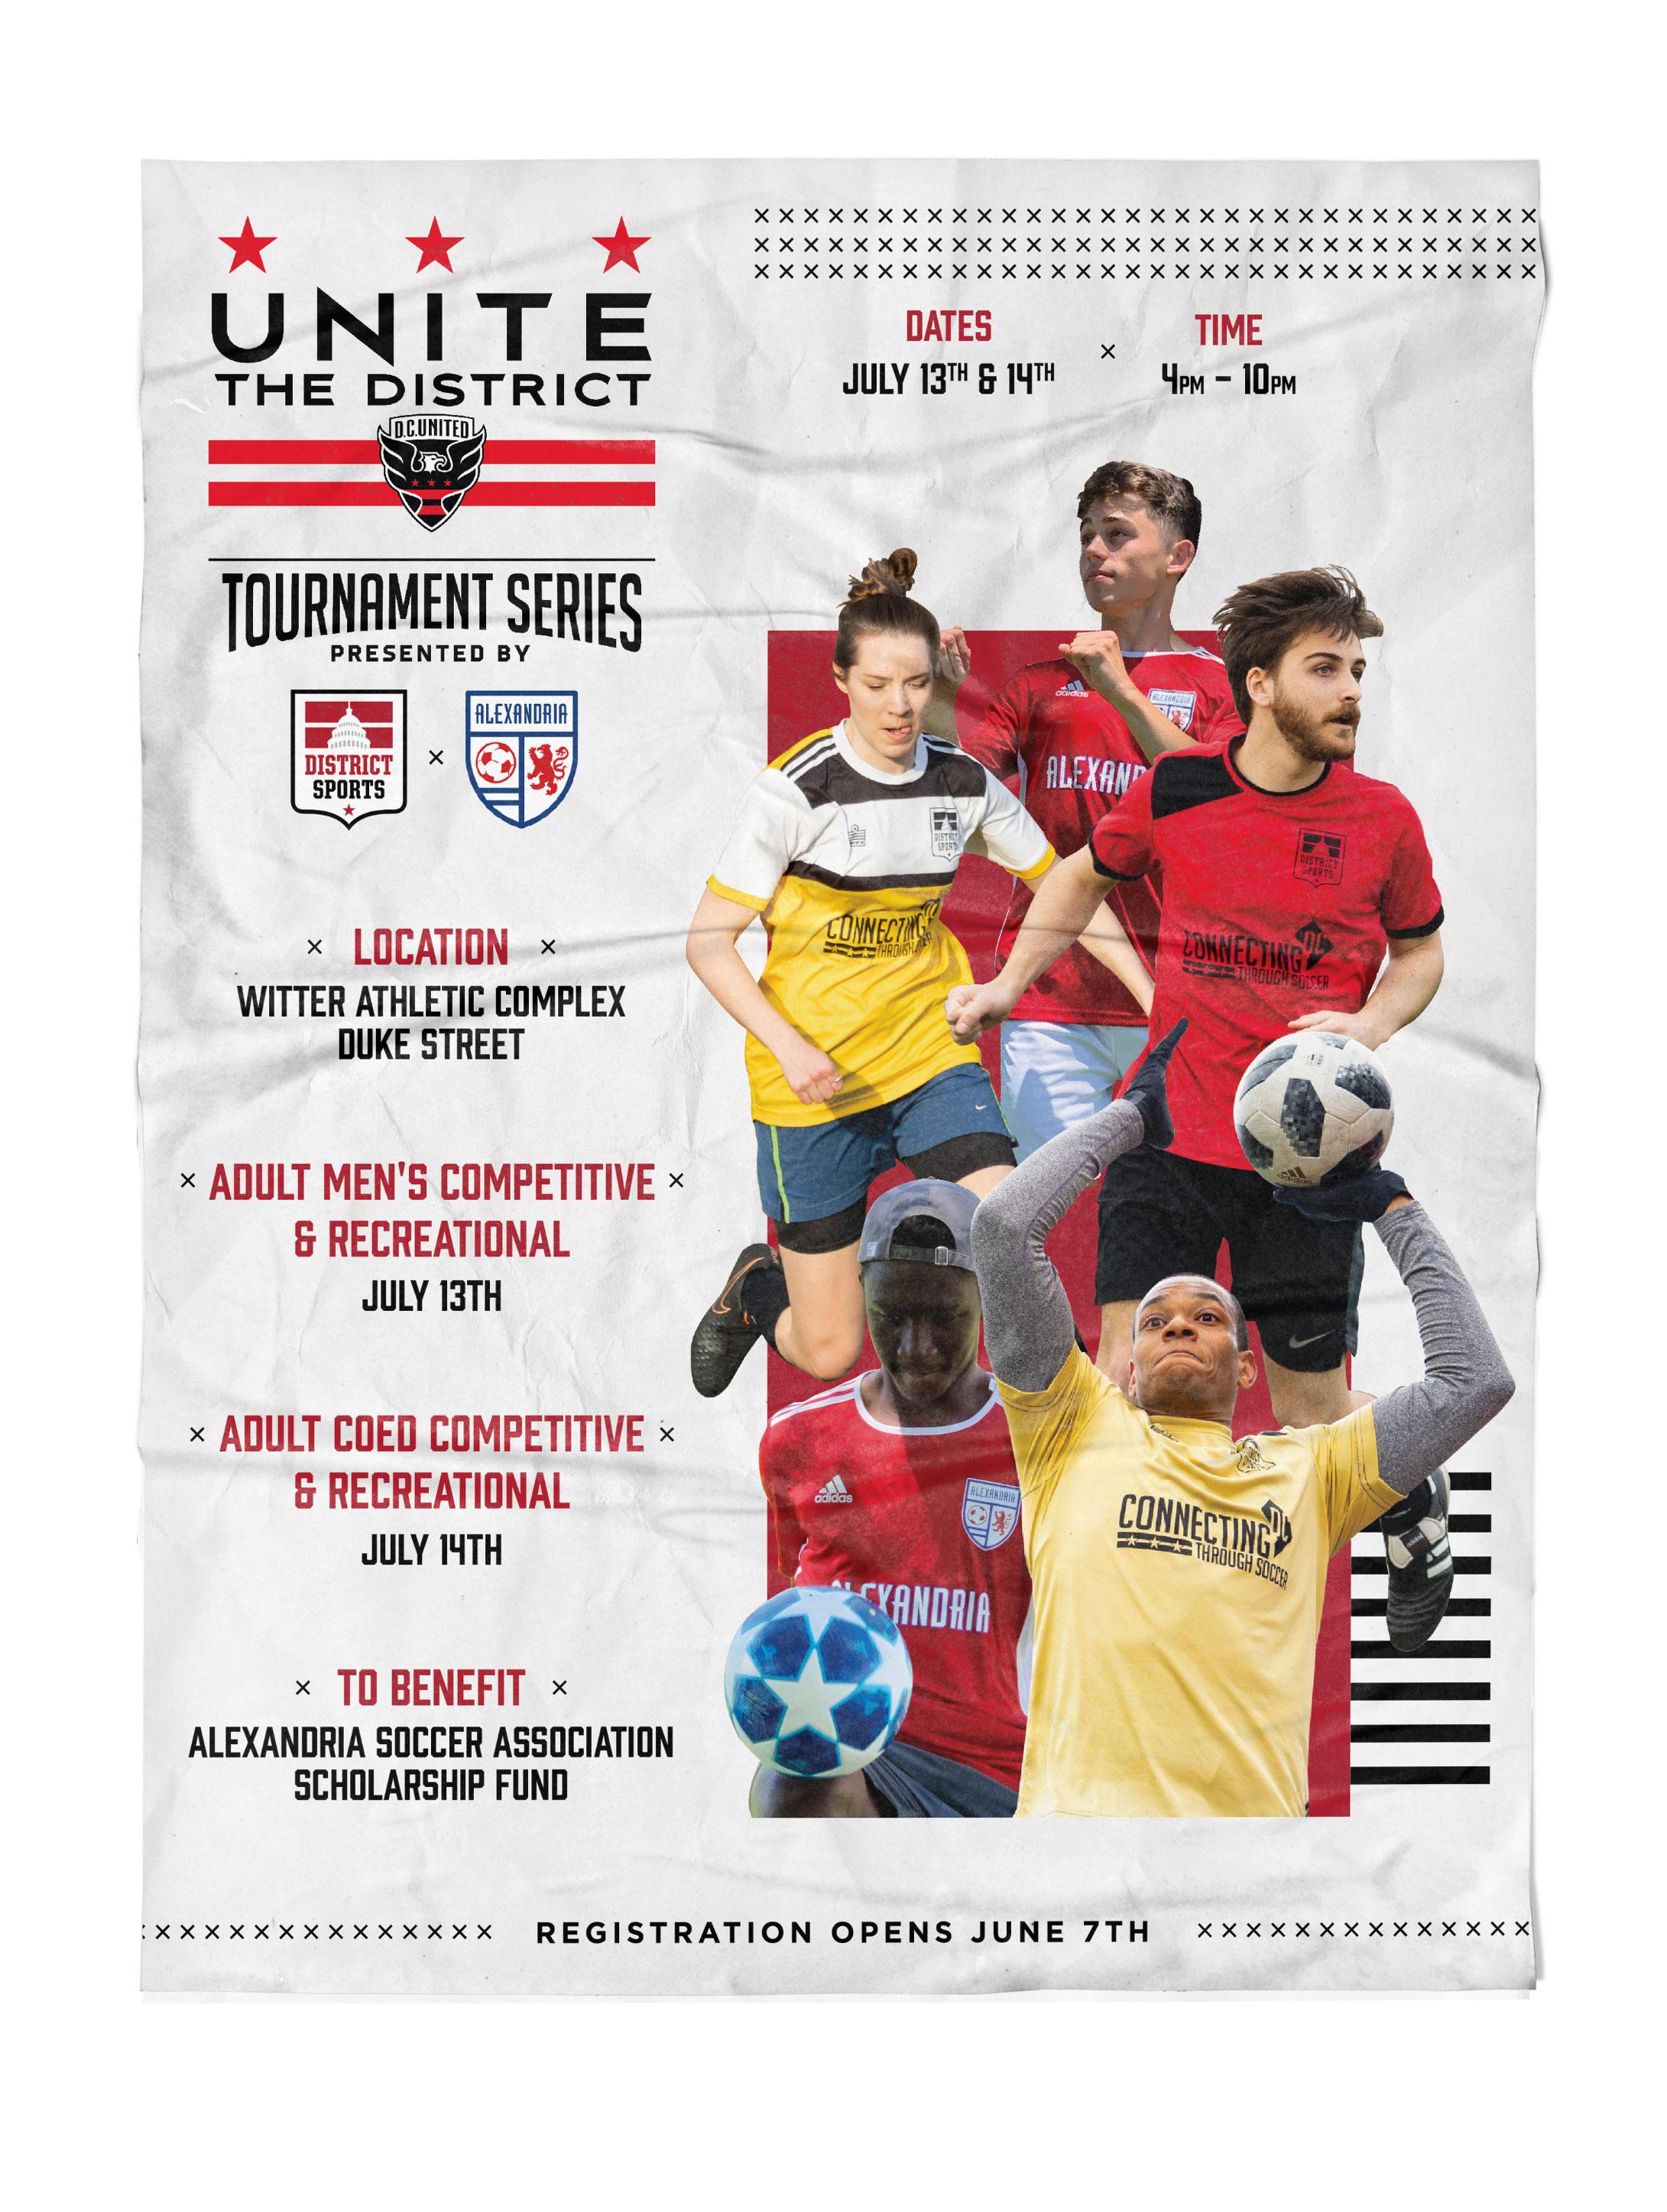 DS-Unite-Poster-1.jpg